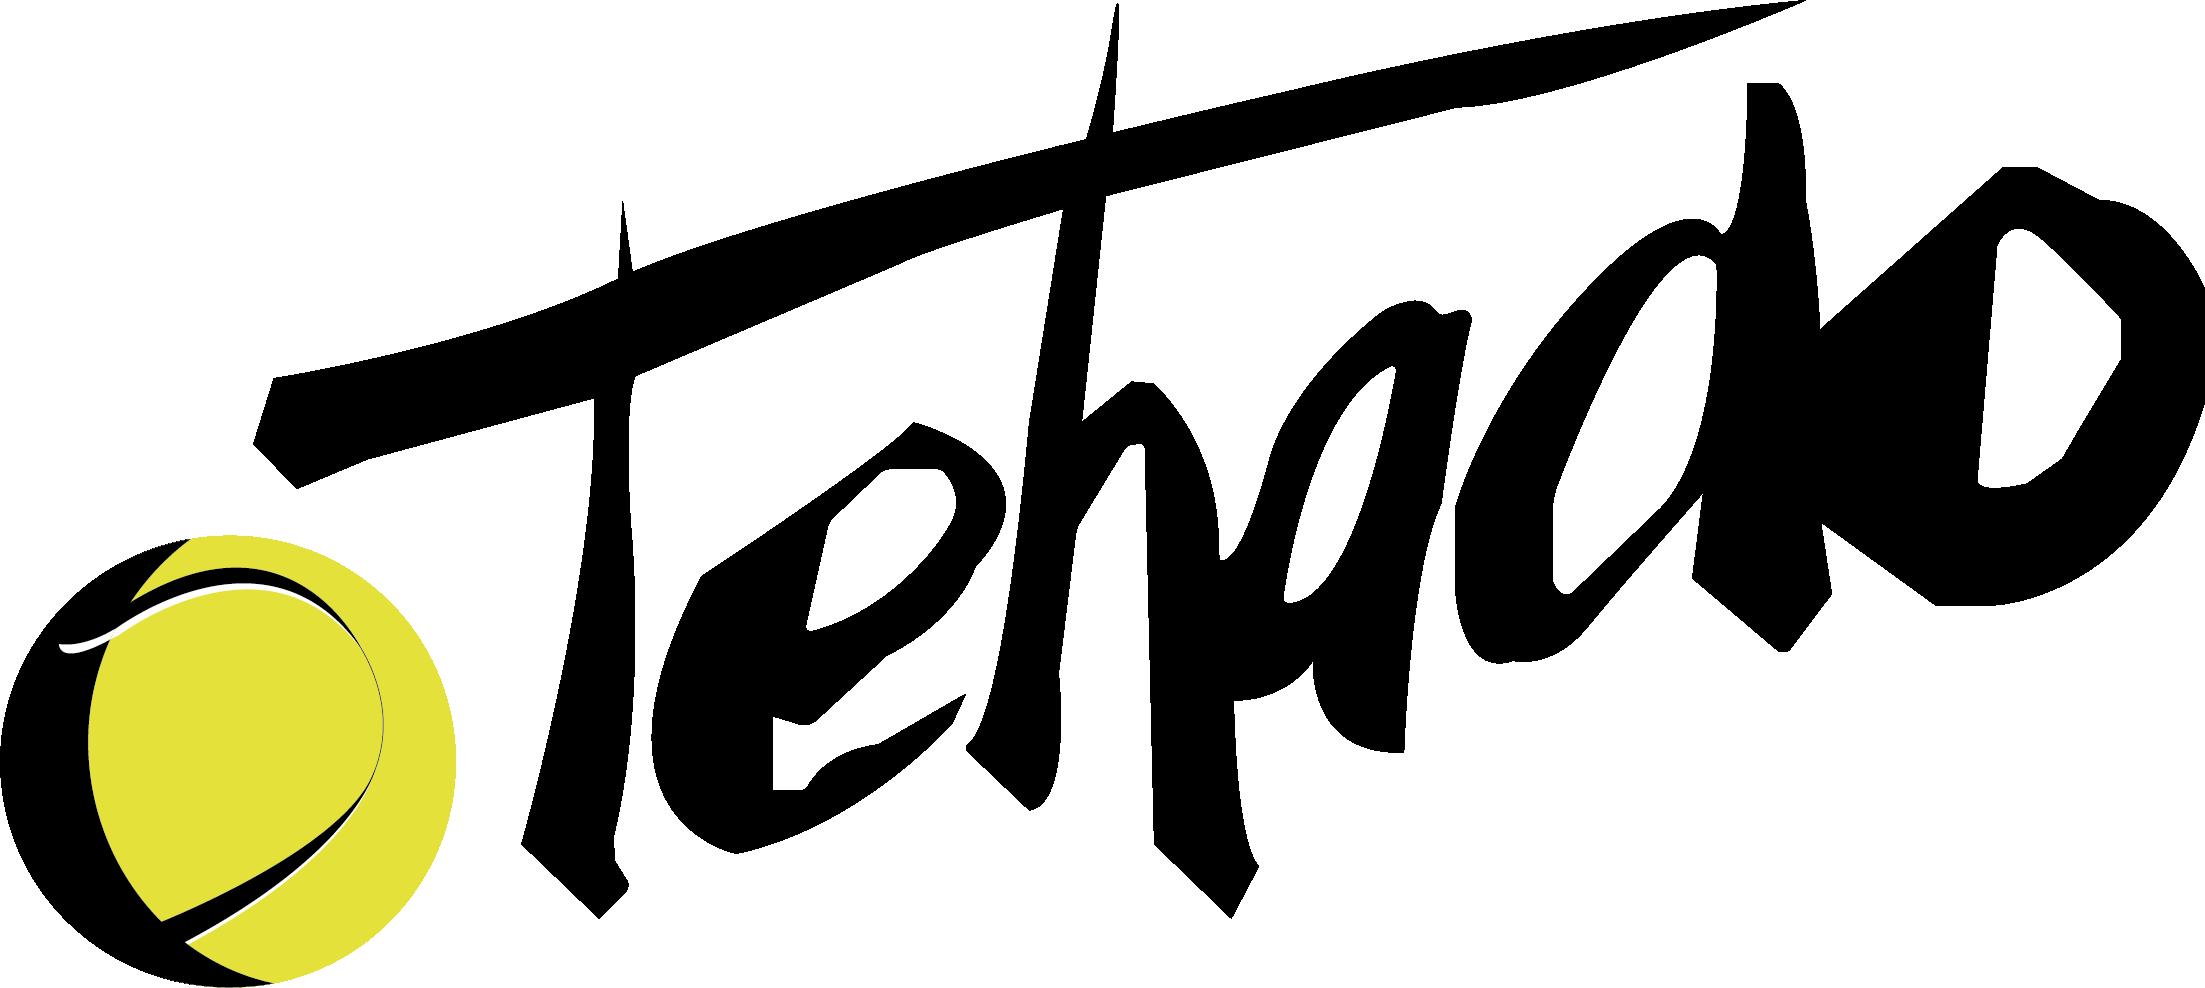 Tehado